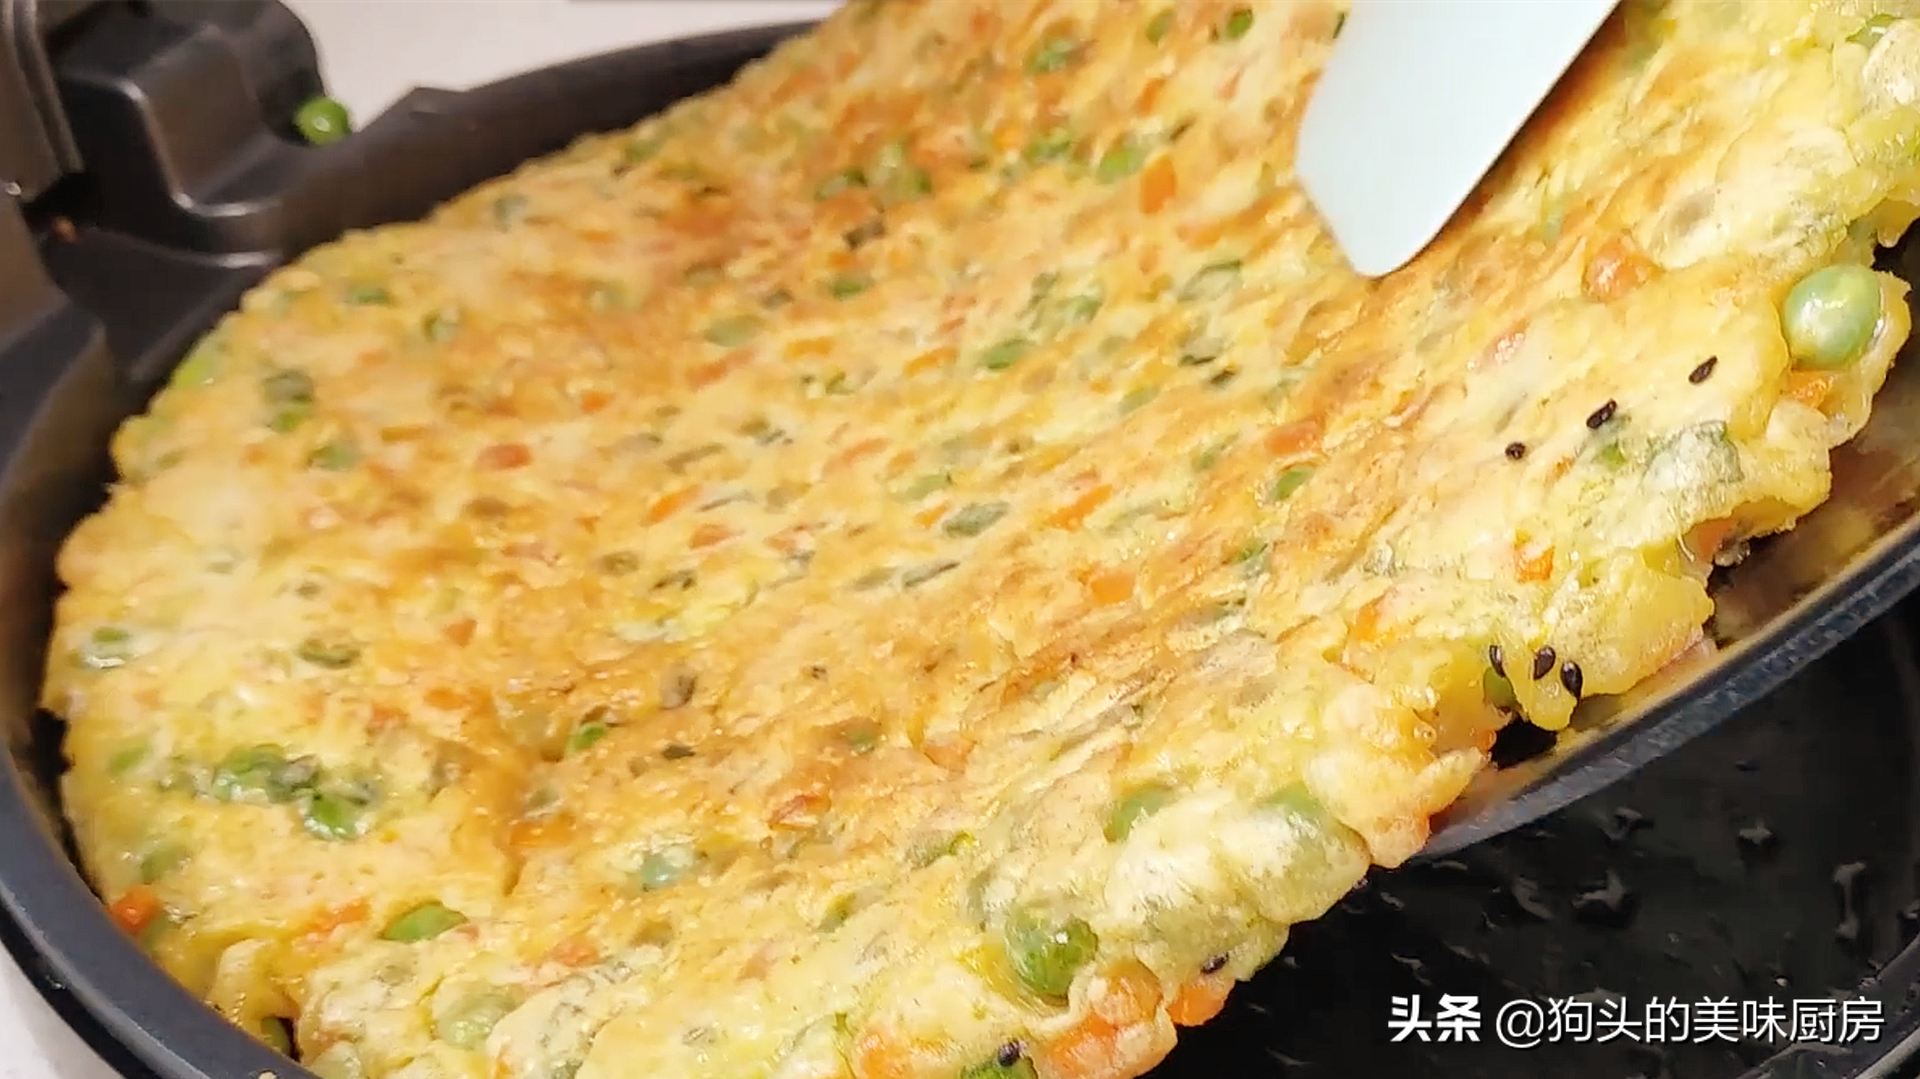 豌豆不要炒着吃了,加两个鸡蛋,比吃肉还香,上桌就抢光 美食做法 第13张